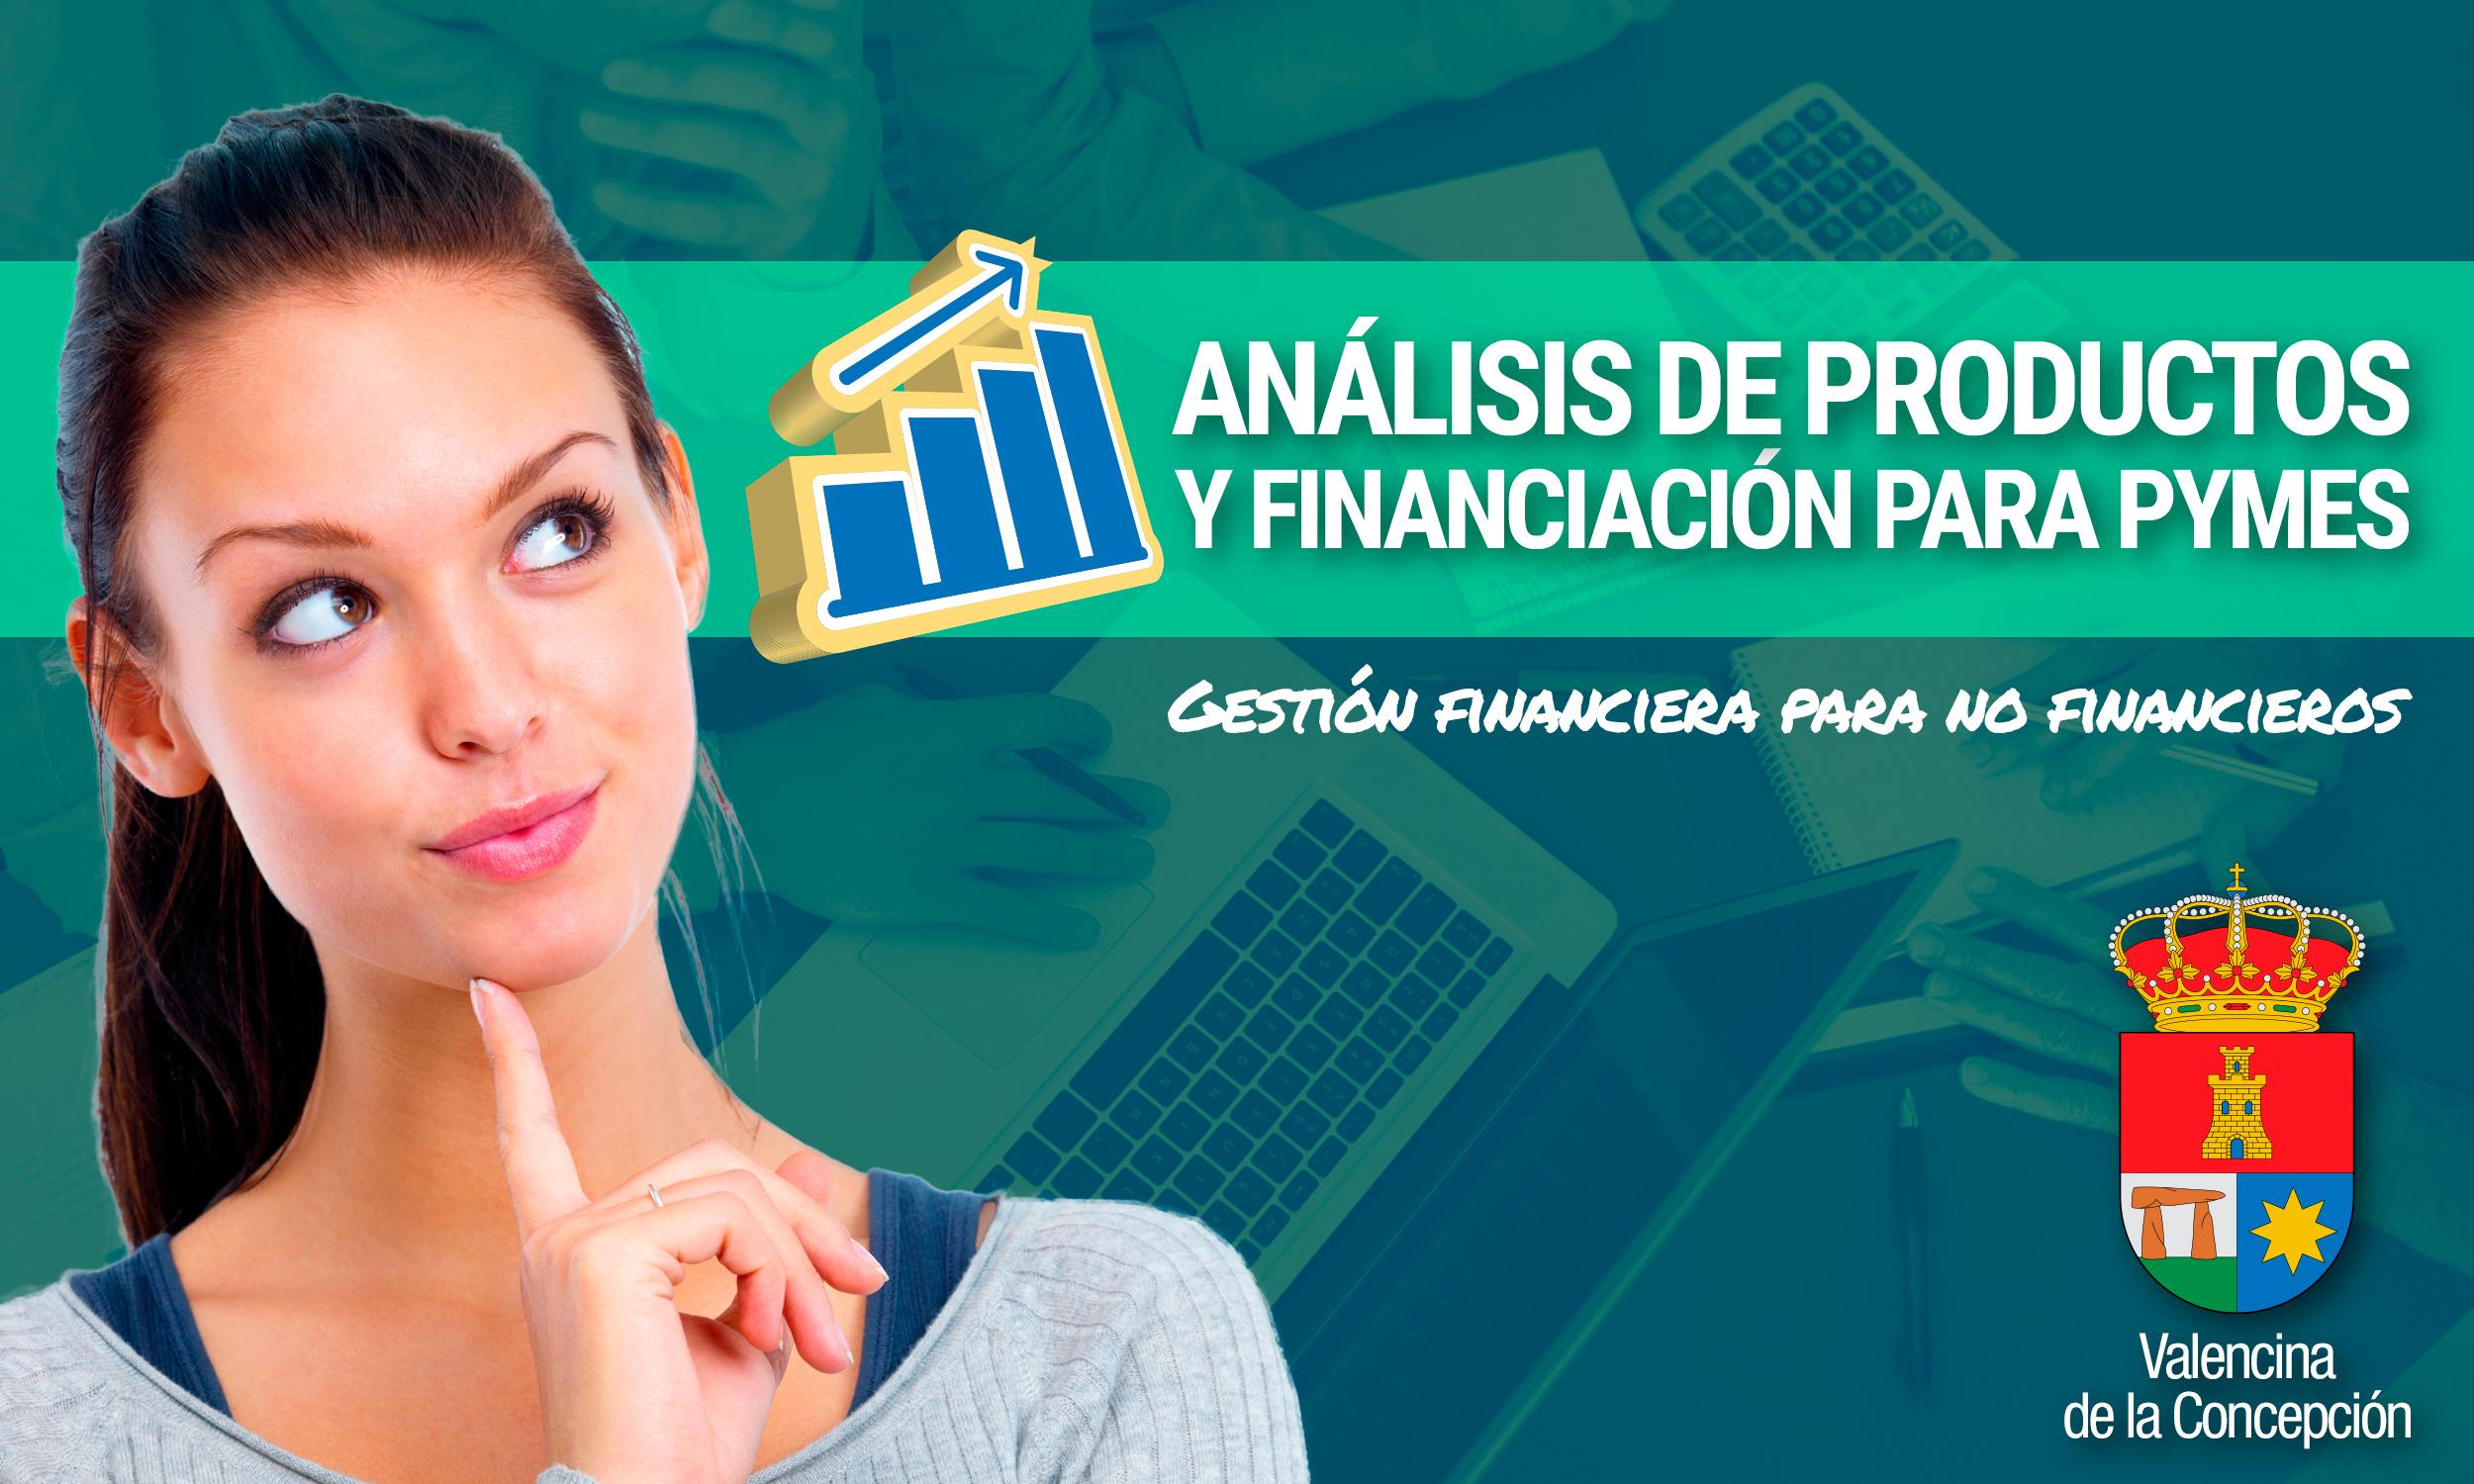 En Valencina de la Concepción. Camarinal impartirá un curso de Análisis de productos financieros